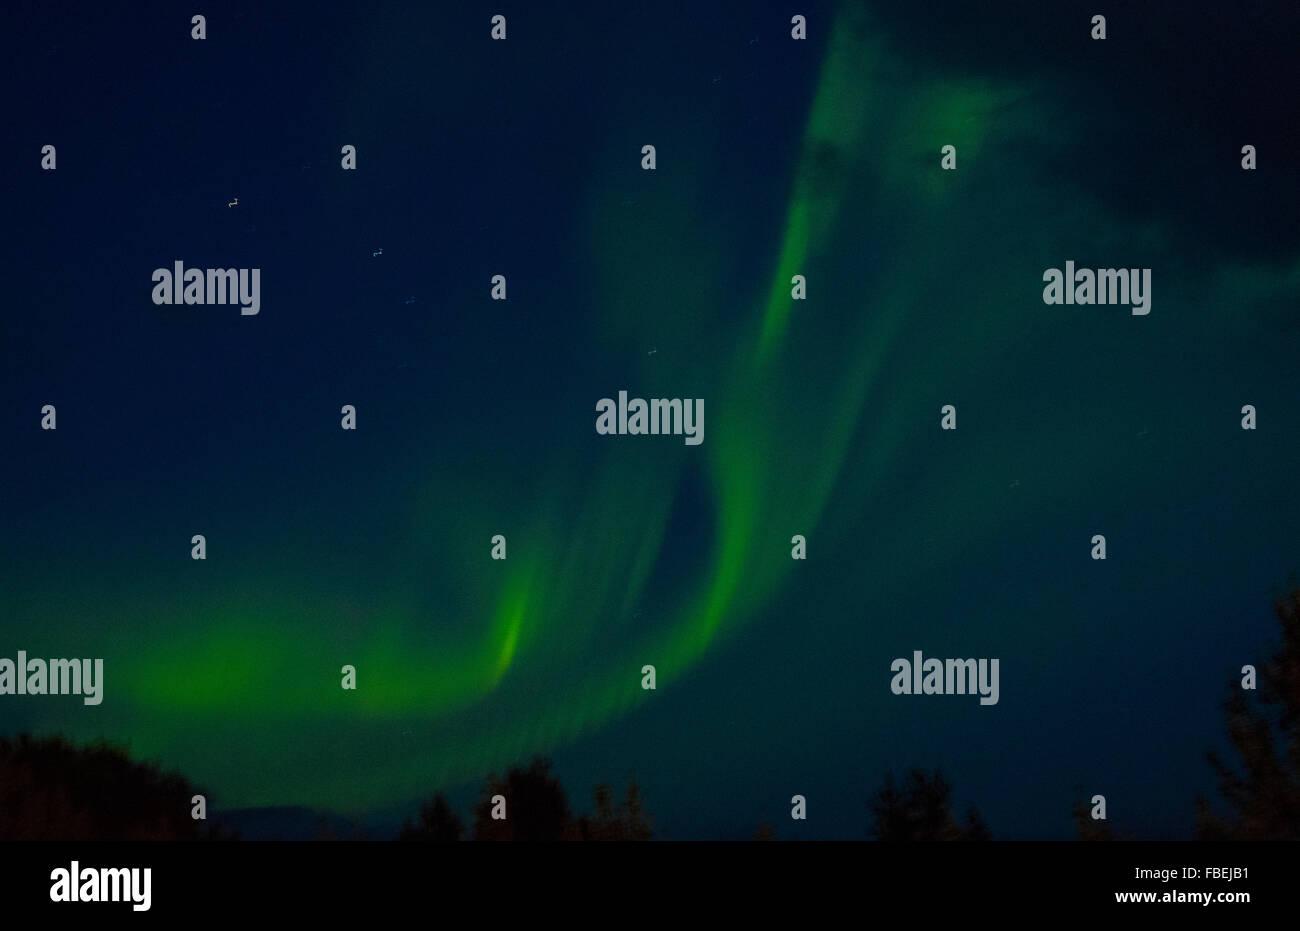 L'Islande du Nord spectaculaire s'allume en vert dans la vallée de Reykholt dans l'ouest de l'Islande Photo Stock